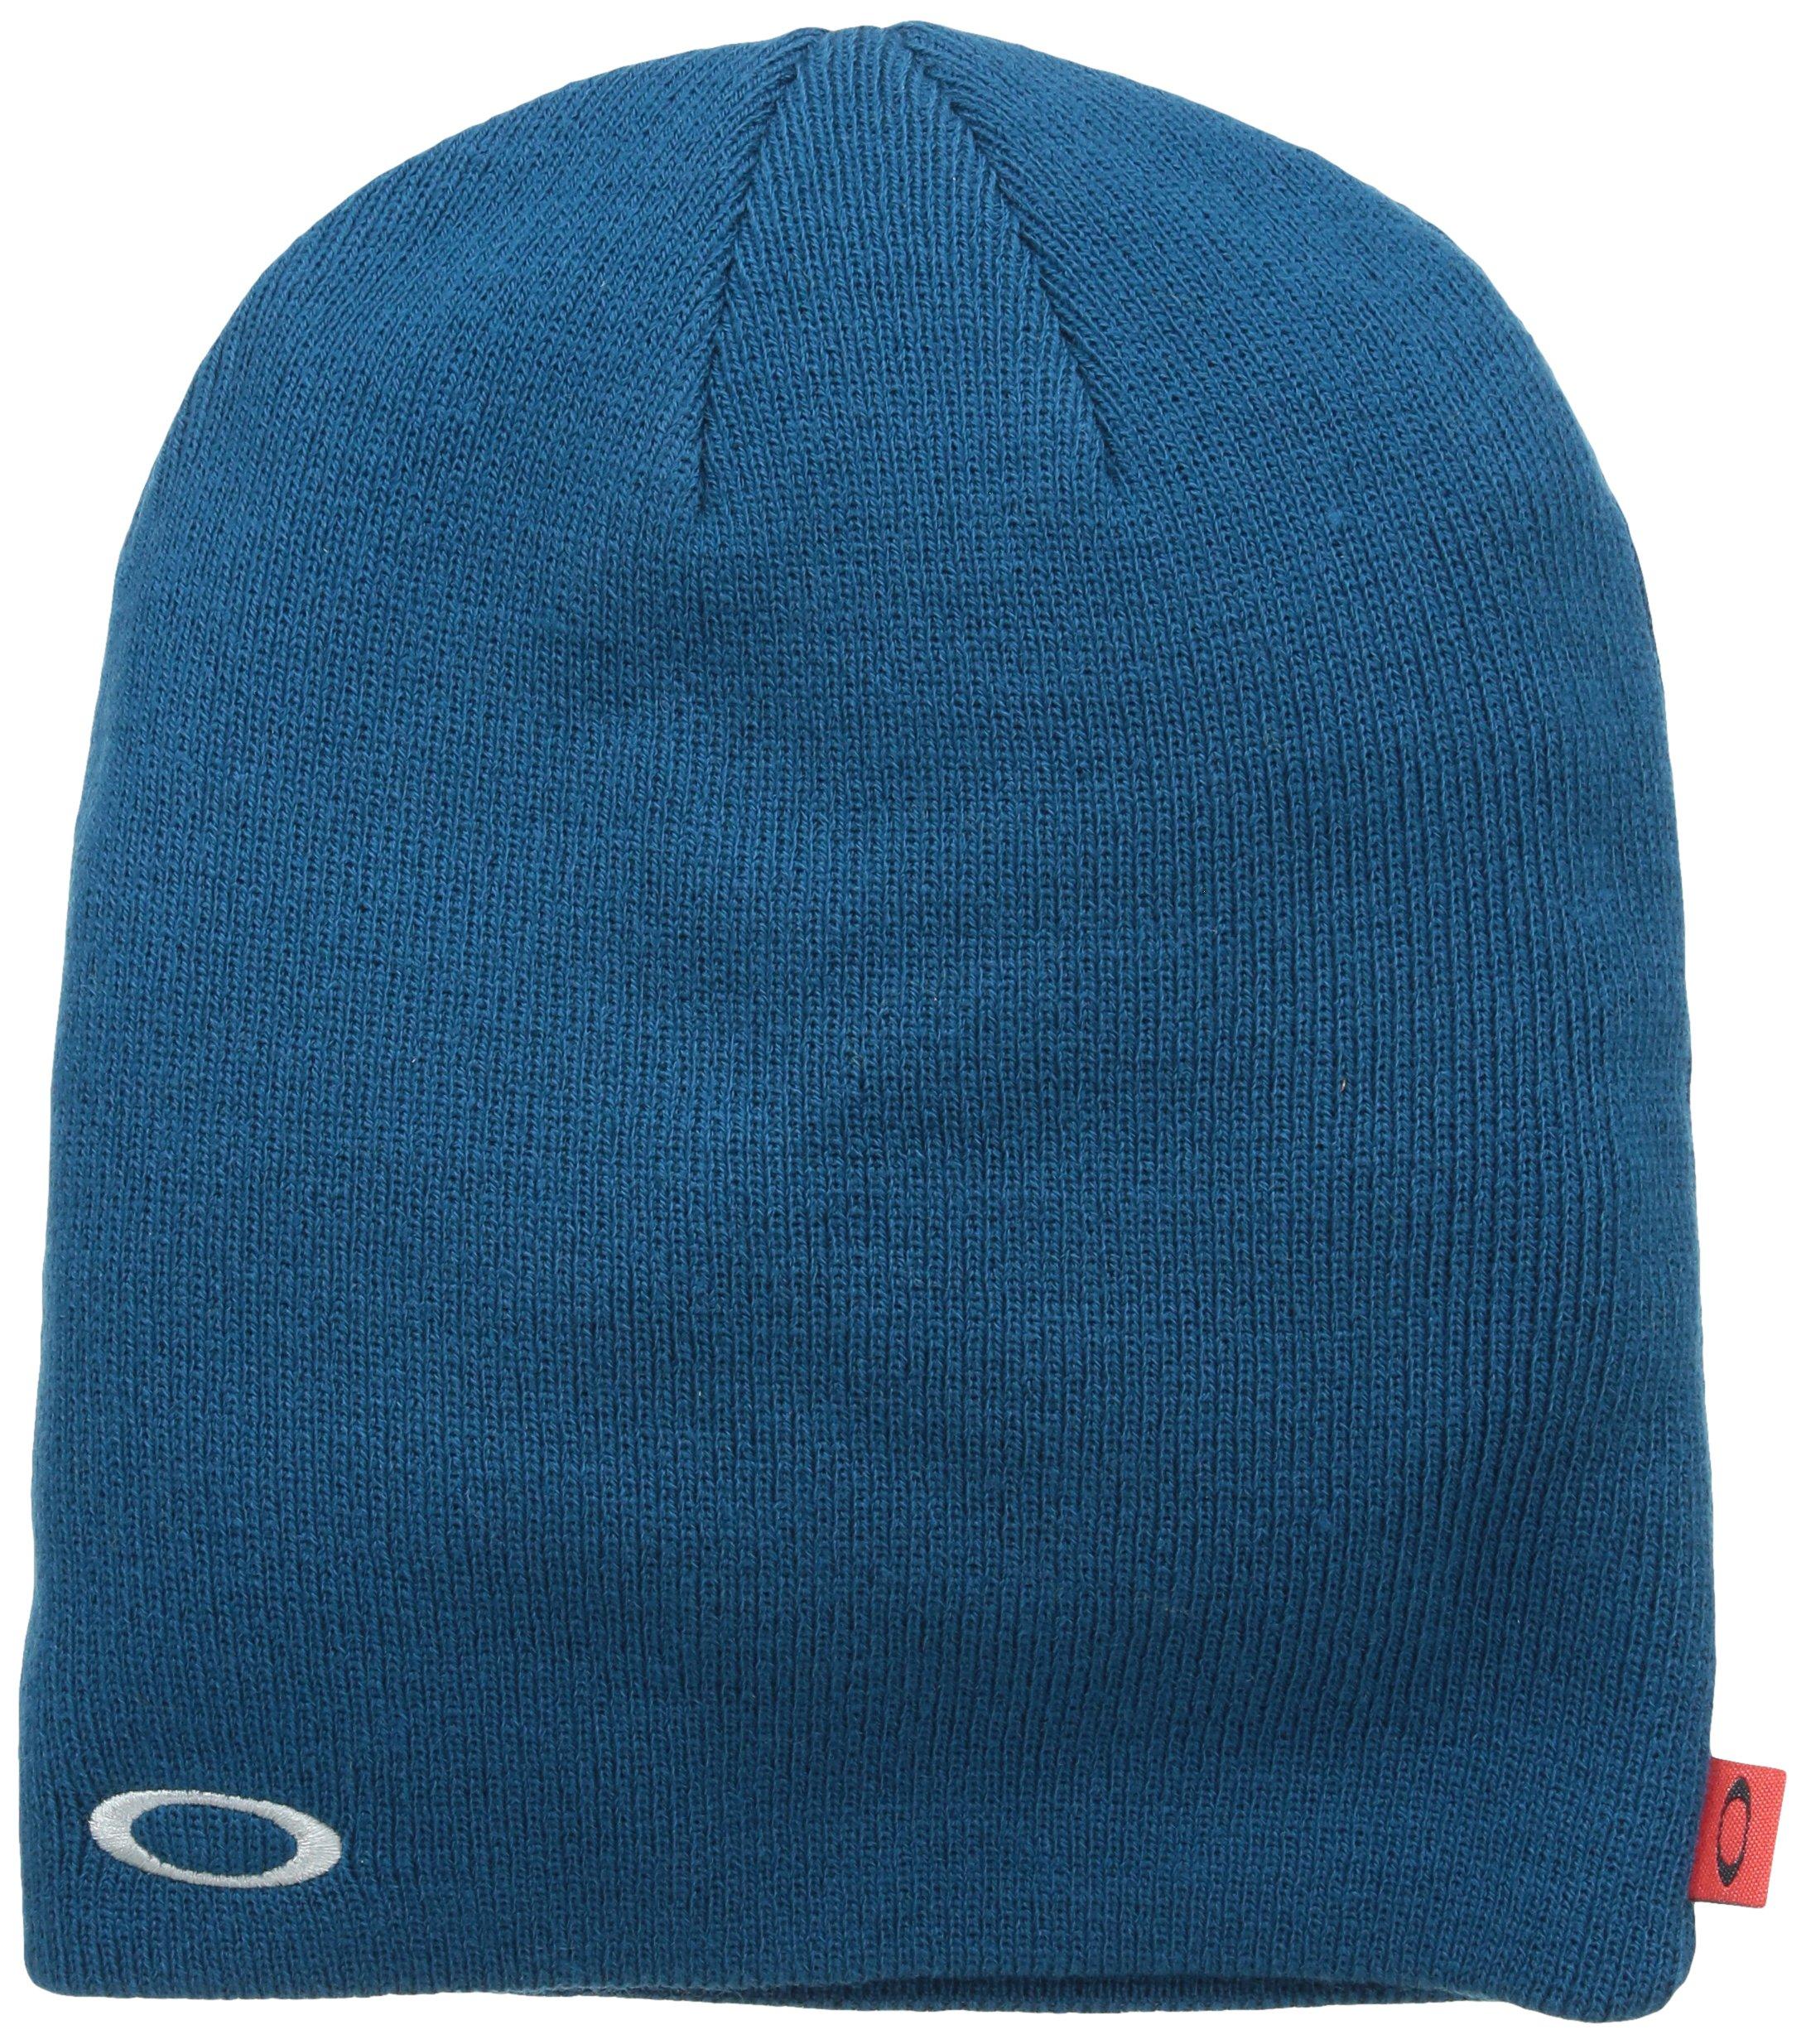 Oakley 91099A Men's Fine Knit Beanie Moroccan Blue One Size